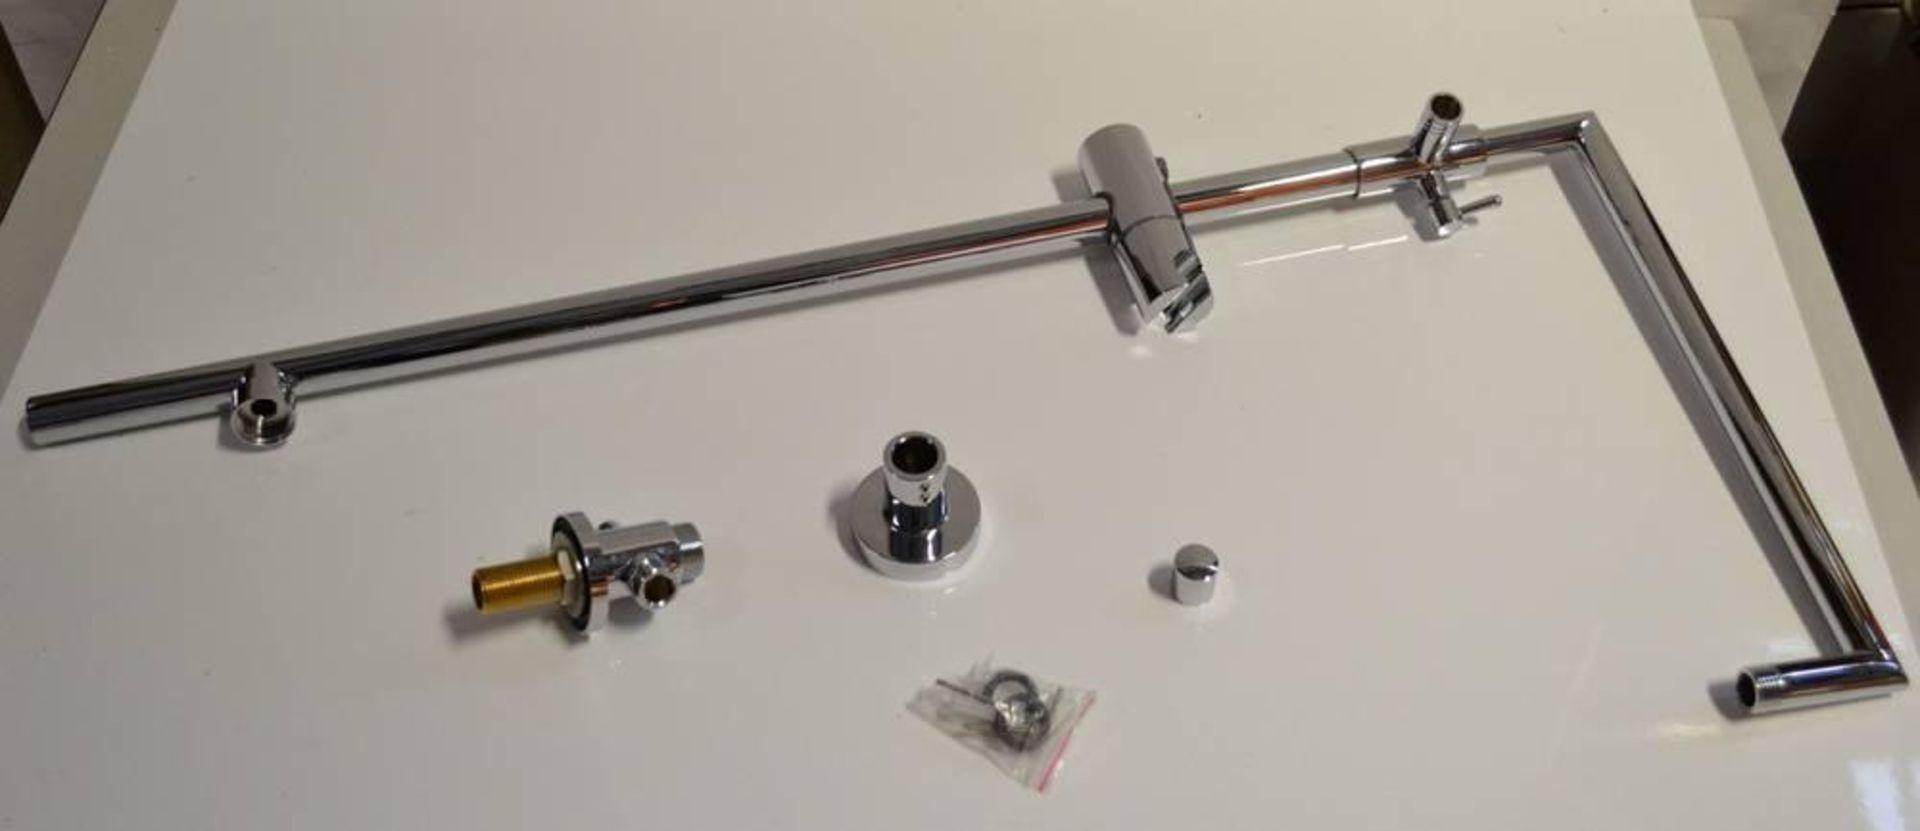 Lot 5548 - 1 x Riser Arm - Ref: DSY186 - Unused Stock - CL190 - Location: Altrincham WA14